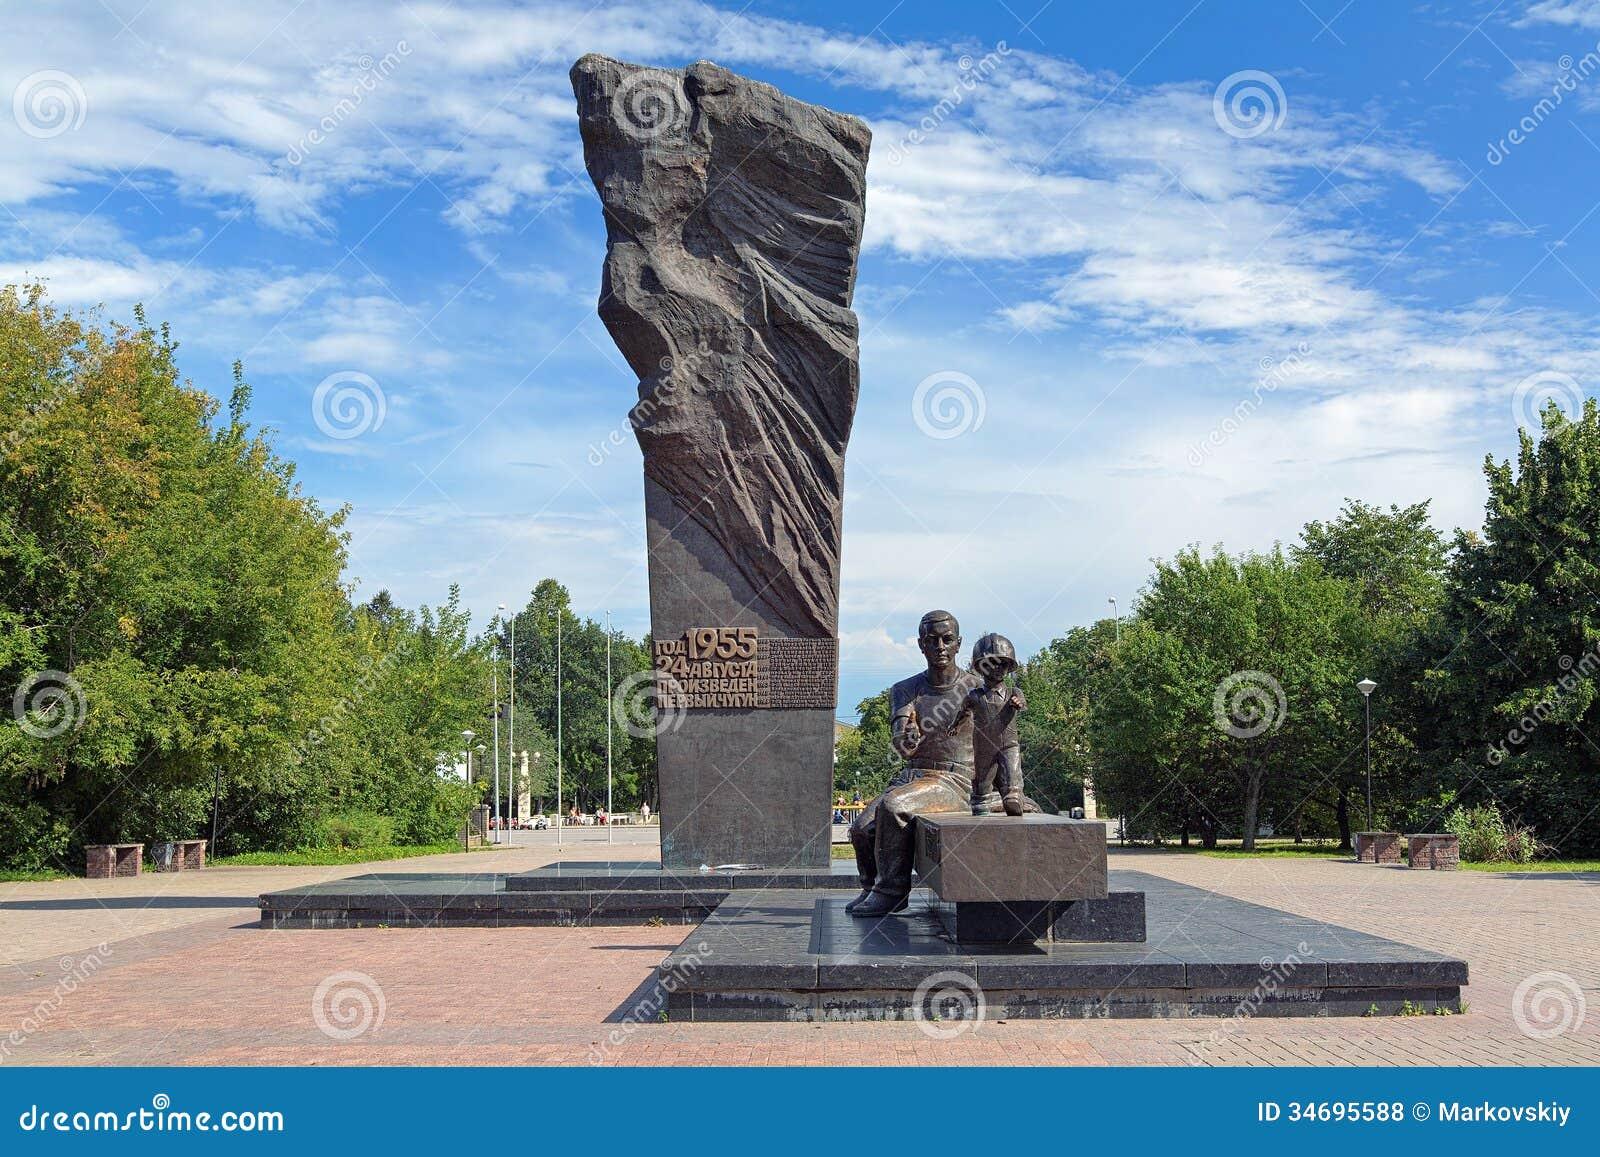 Памятники на могилу цены владивосток Шар. Габбро-диабаз Шуя